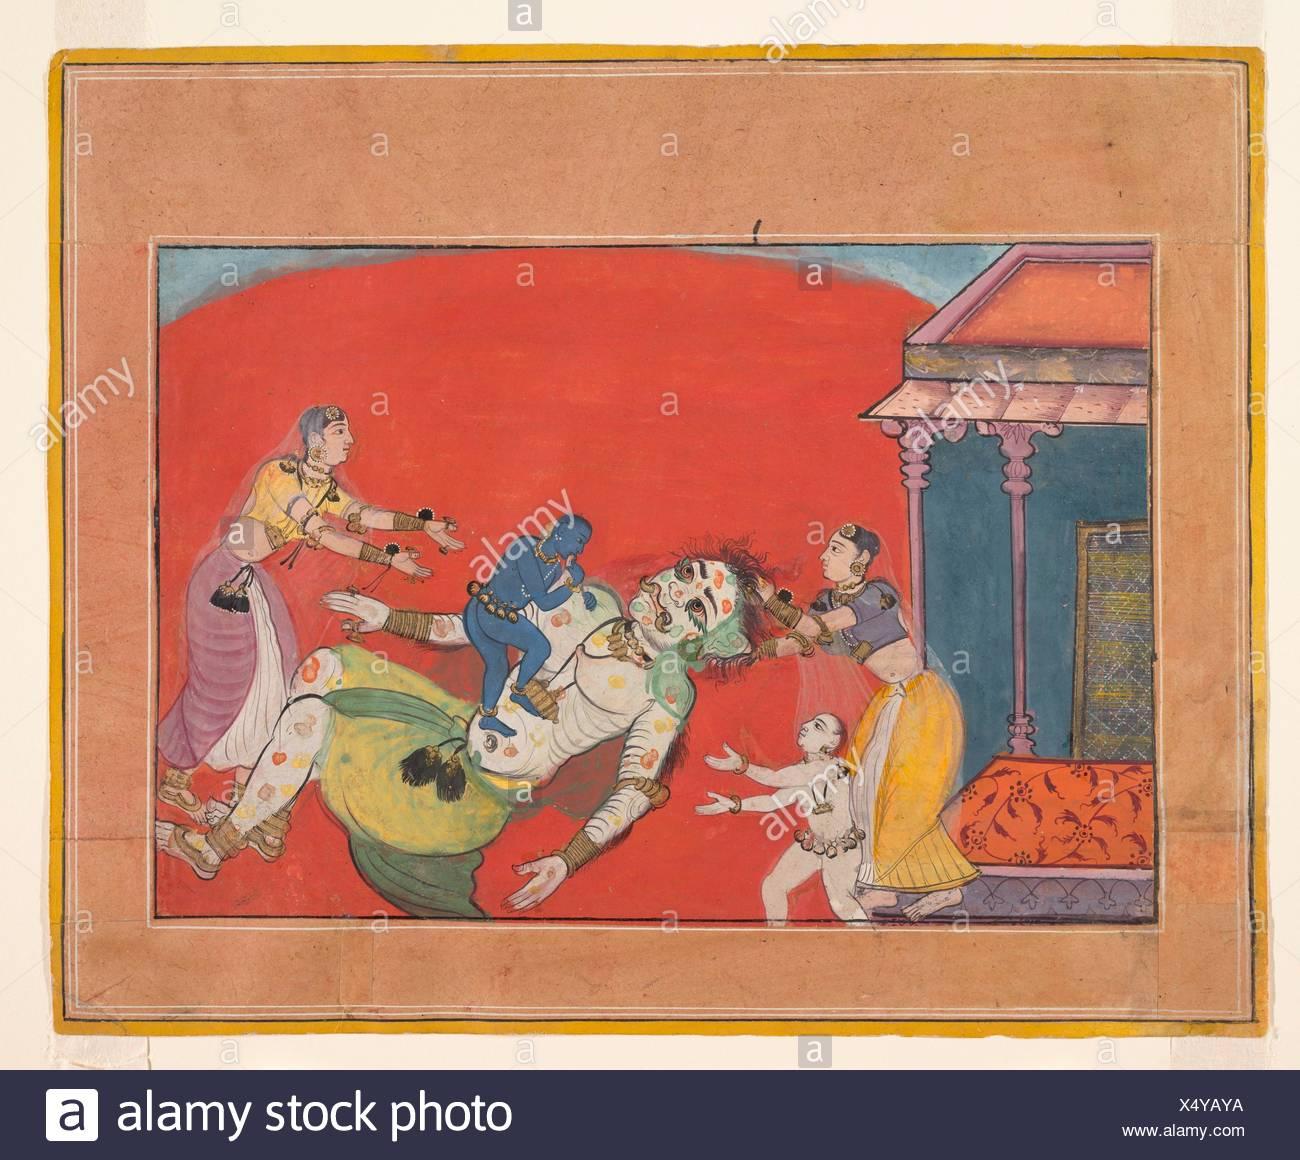 Der Tod der Dämonin Putana: Folio aus einem Bhagavata Purana Serie. Datum: Ca. 1610; Kultur: Indien, Rajasthan, Bikaner; Medium: Undurchsichtig Stockbild